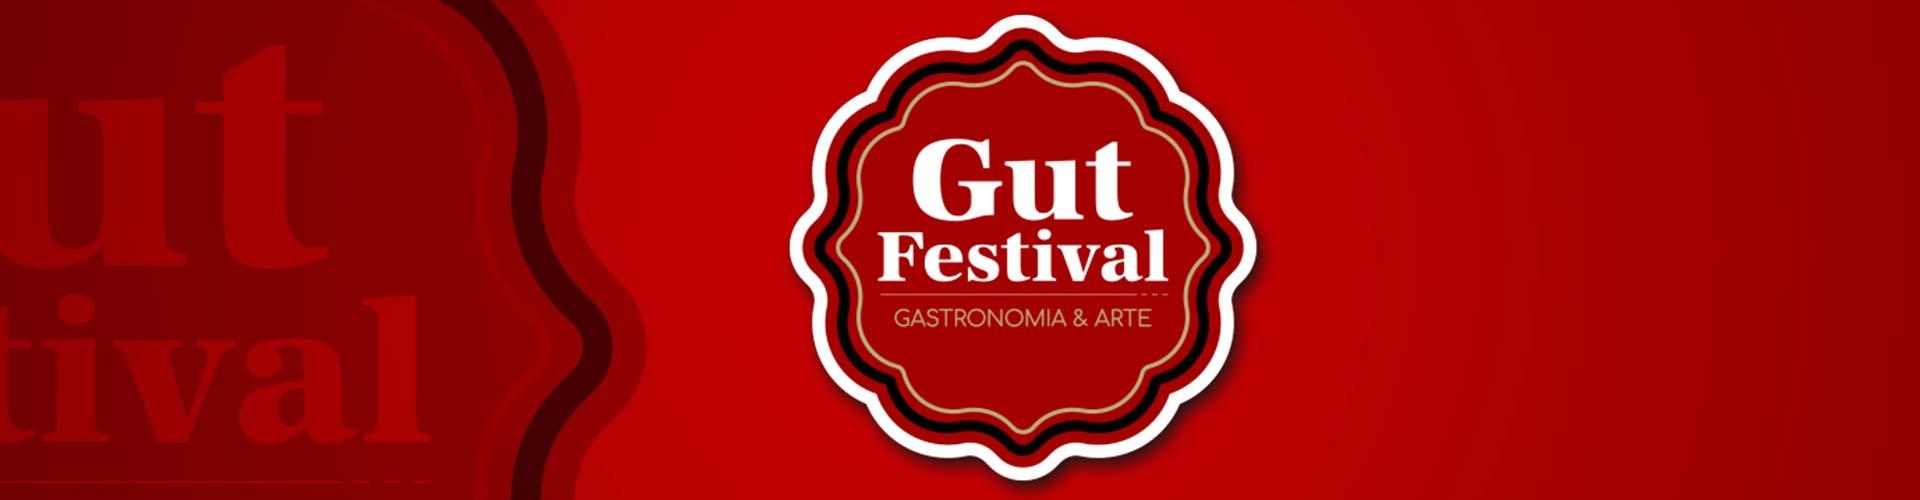 Gut Festival - 26/05/2018